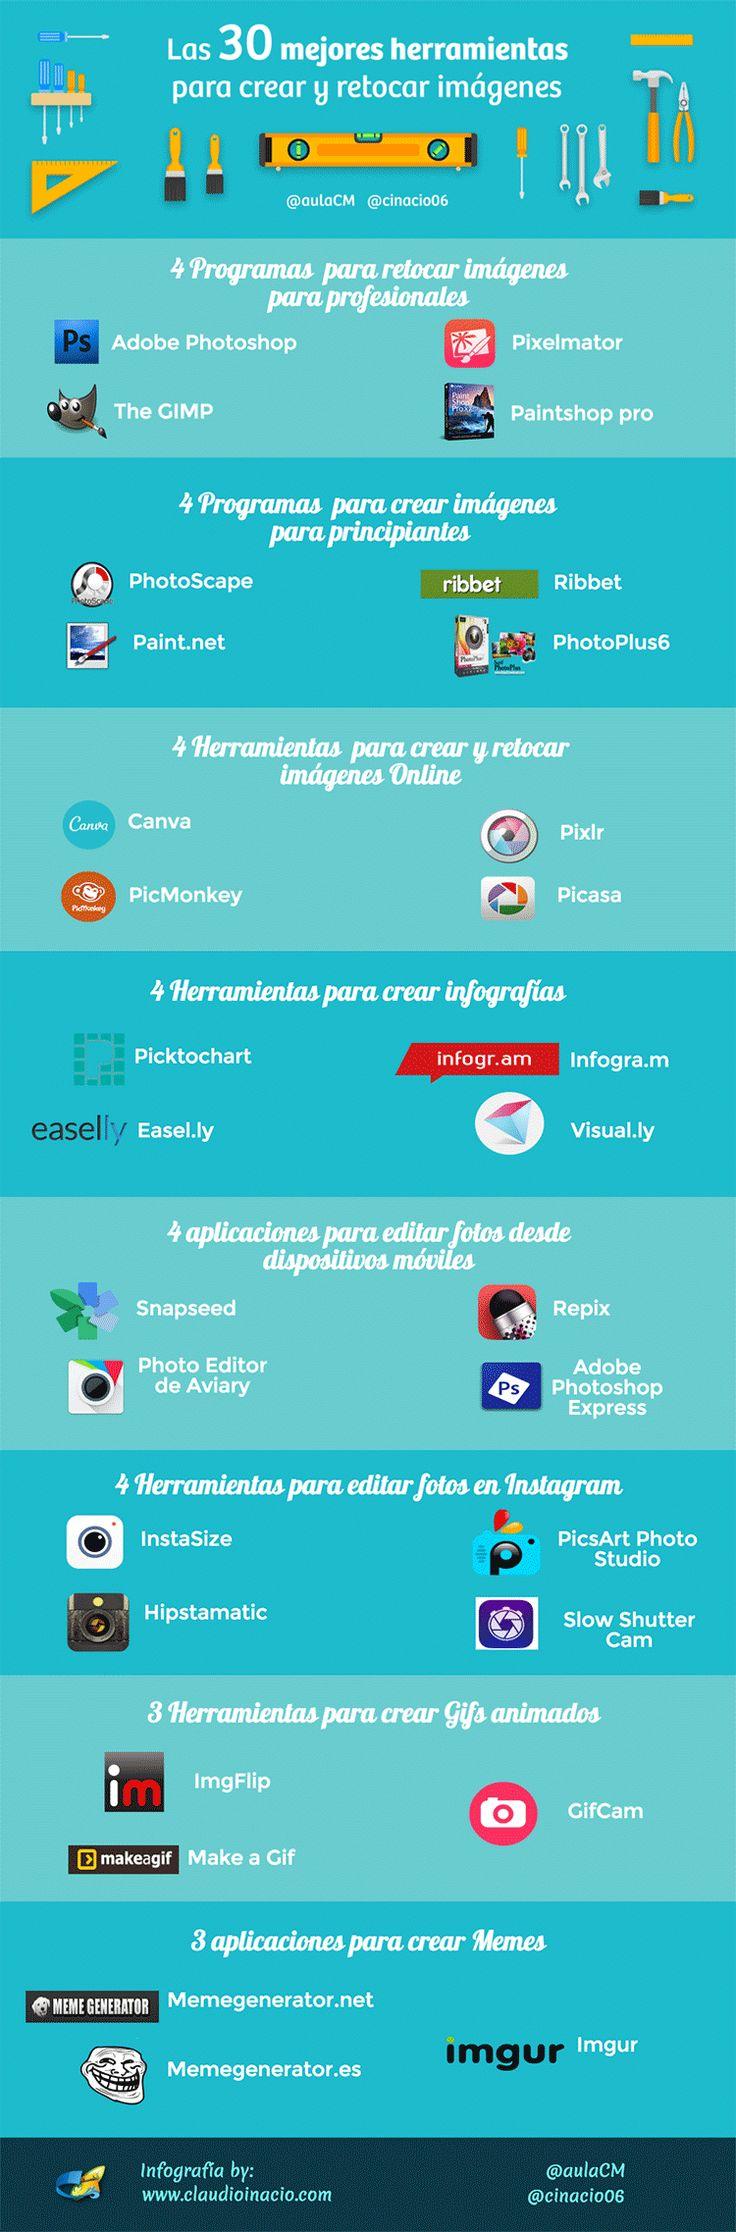 Recursos para crear y retocar imágenes #infografía #imagen #publicación